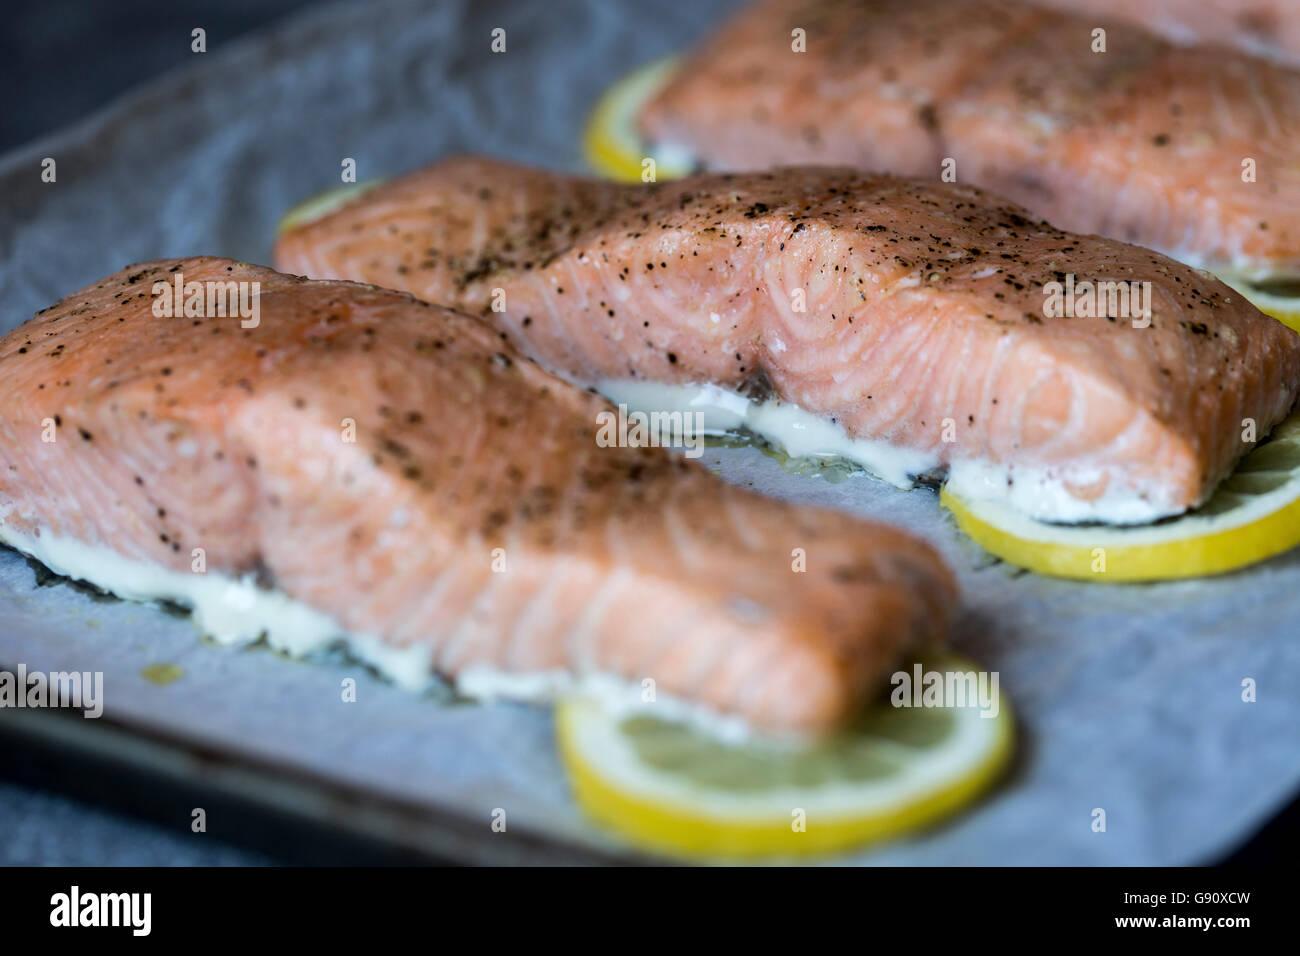 Langsam gebackene Lachsscheiben werden fotografiert, gleich nachdem sie aus dem Ofen kam. Stockfoto